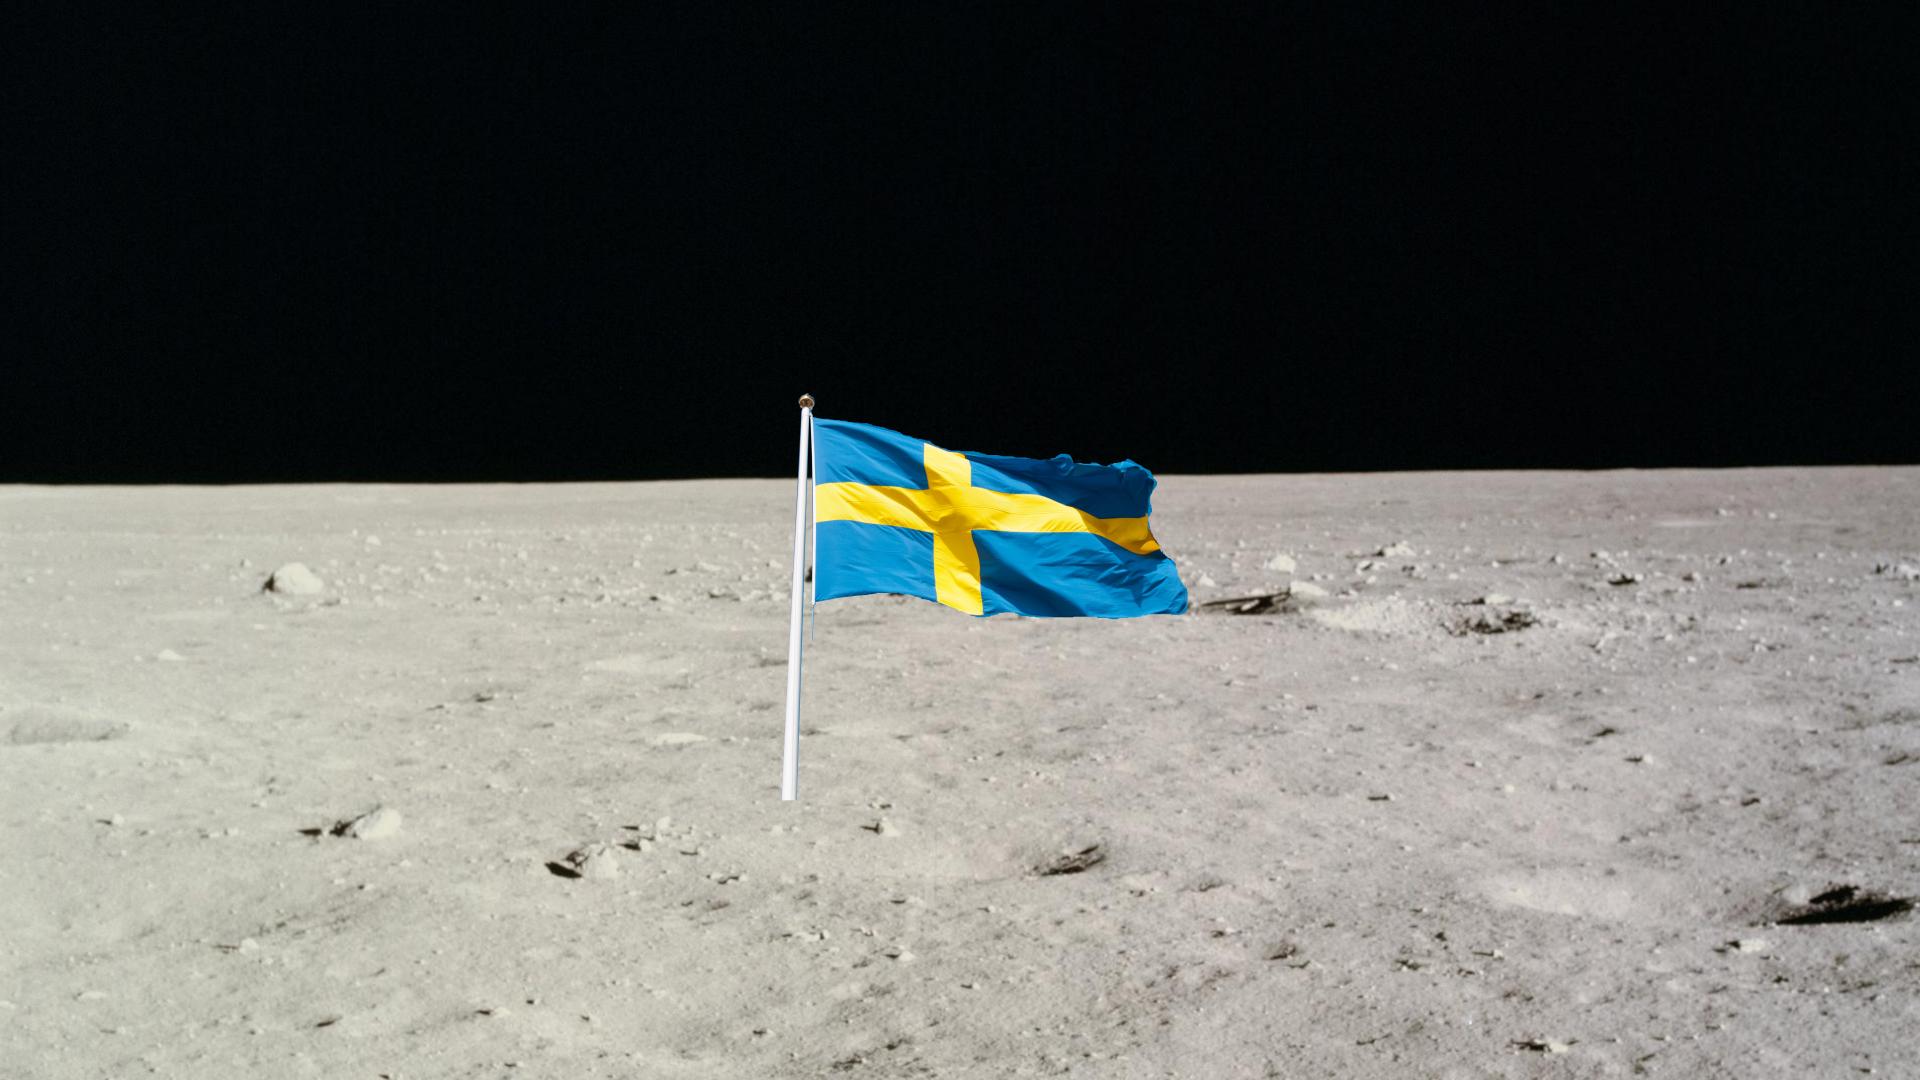 Erster Mensch auf dem Mond soll Schwede gewesen sein